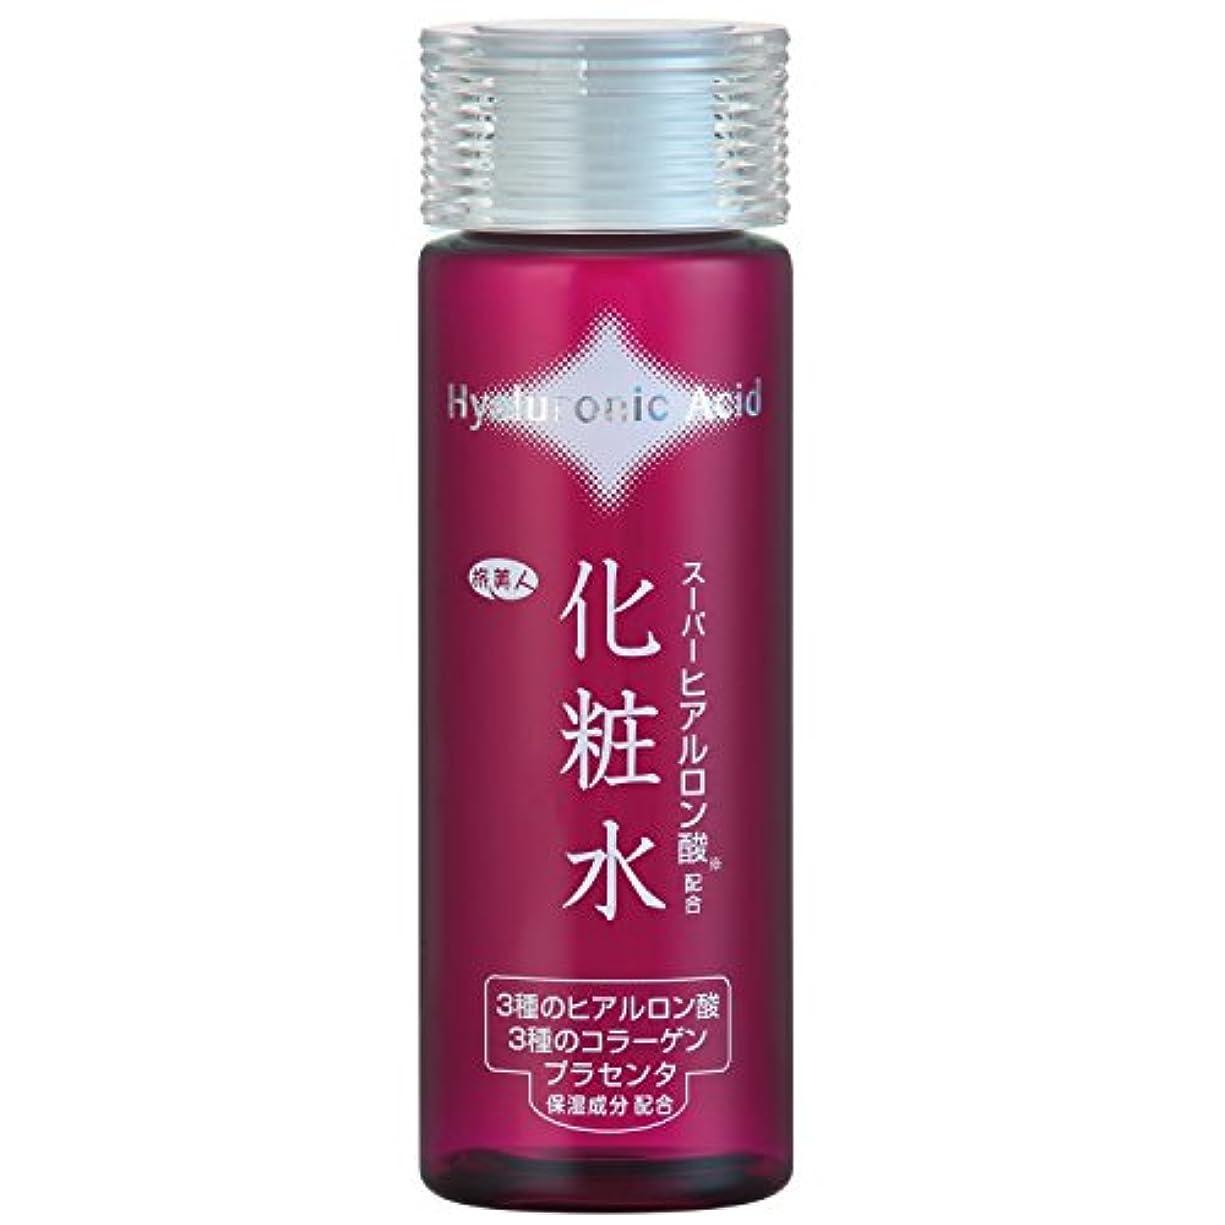 防腐剤履歴書スキャンアズマ商事のスーパーヒアルロン酸配合化粧水